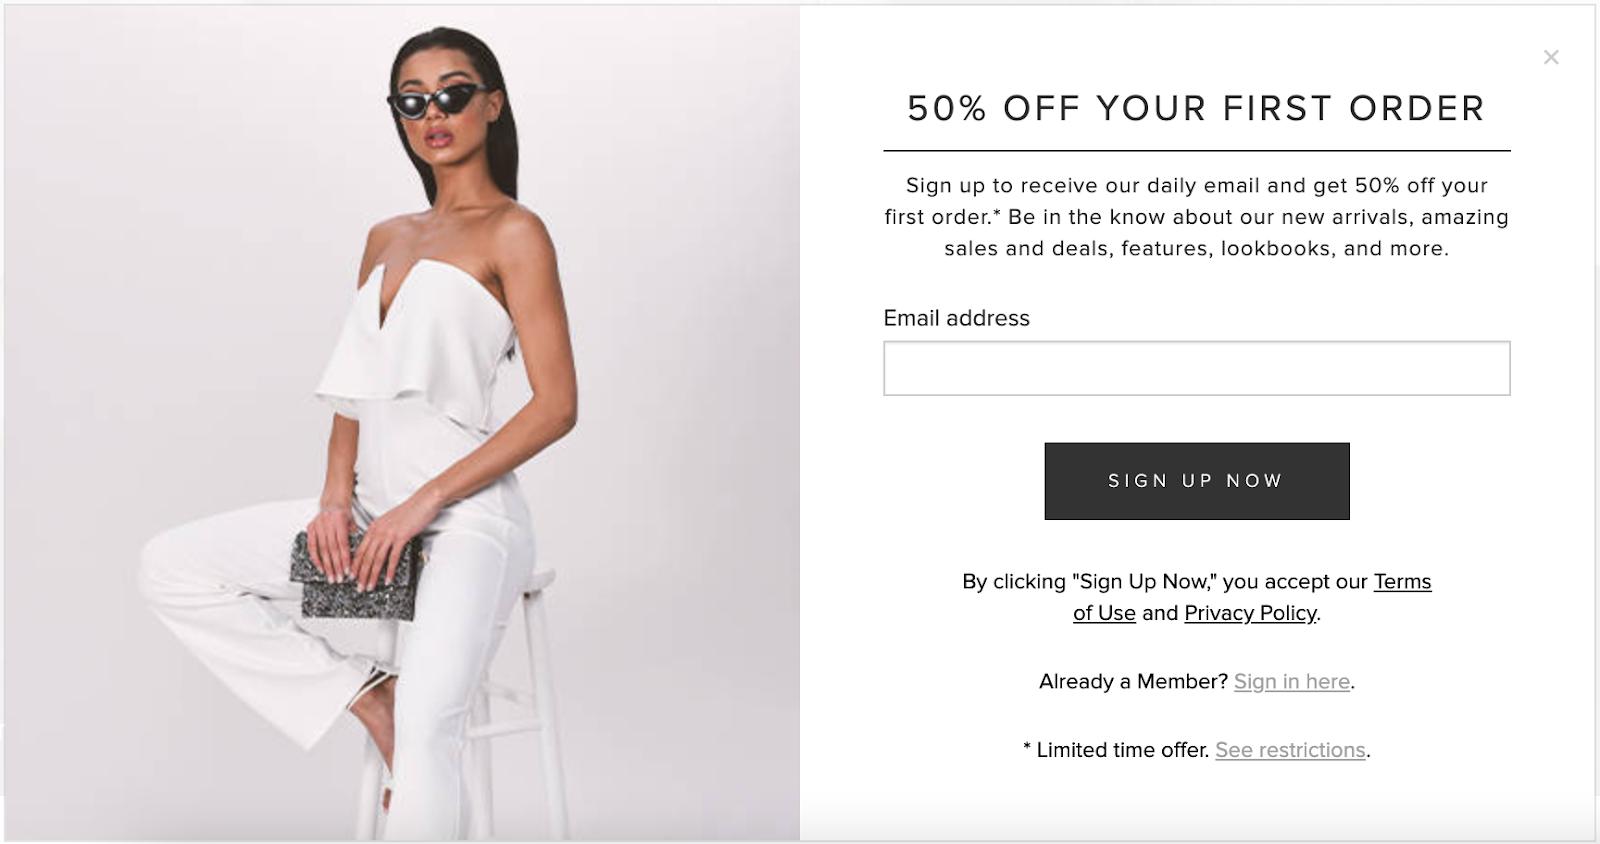 Tobi 50% off new customer offer